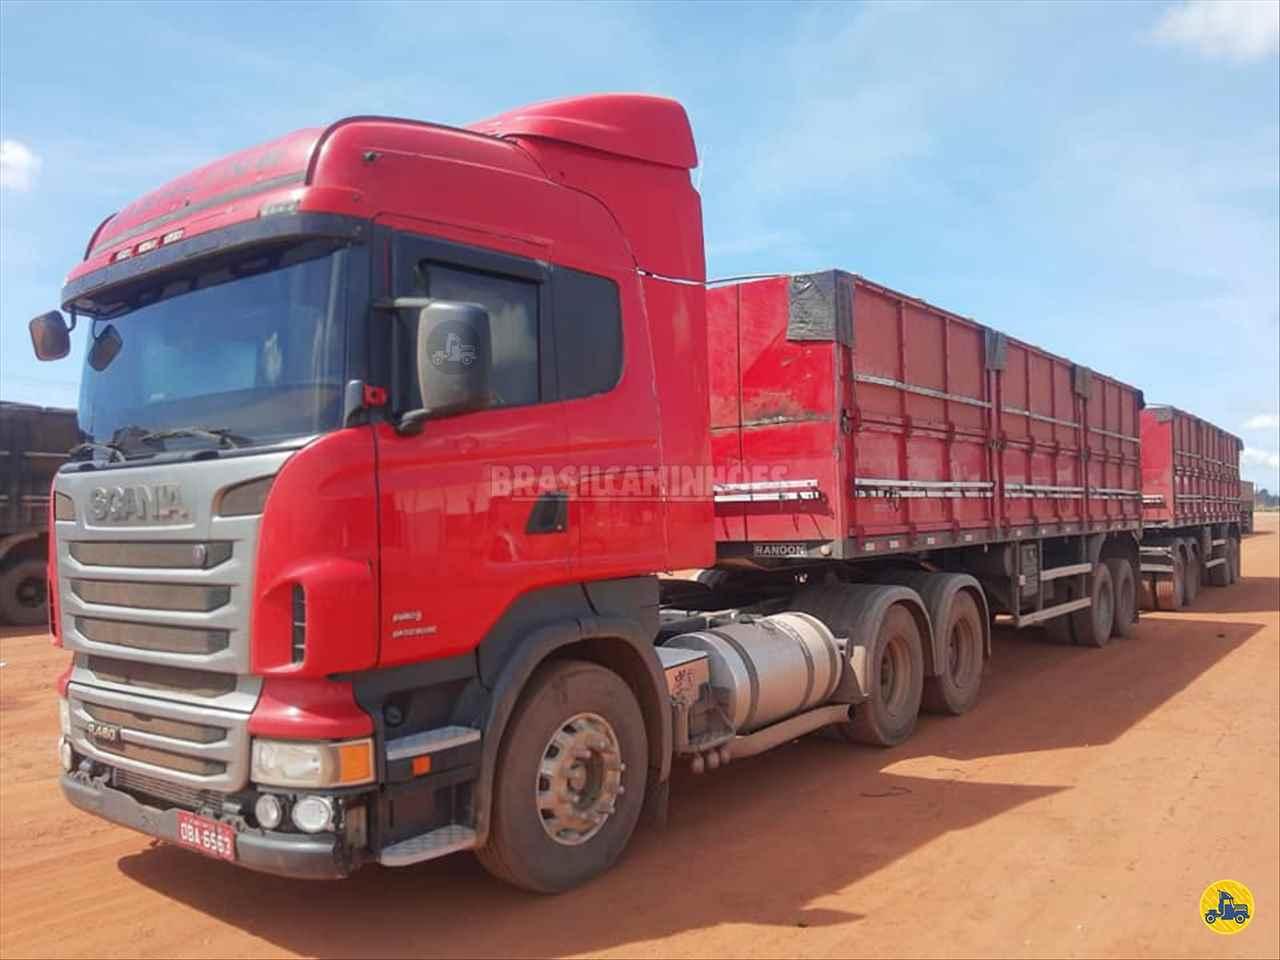 CAMINHAO SCANIA SCANIA 480 Cavalo Mecânico Traçado 6x4 Brasil Caminhões Sinop SINOP MATO GROSSO MT